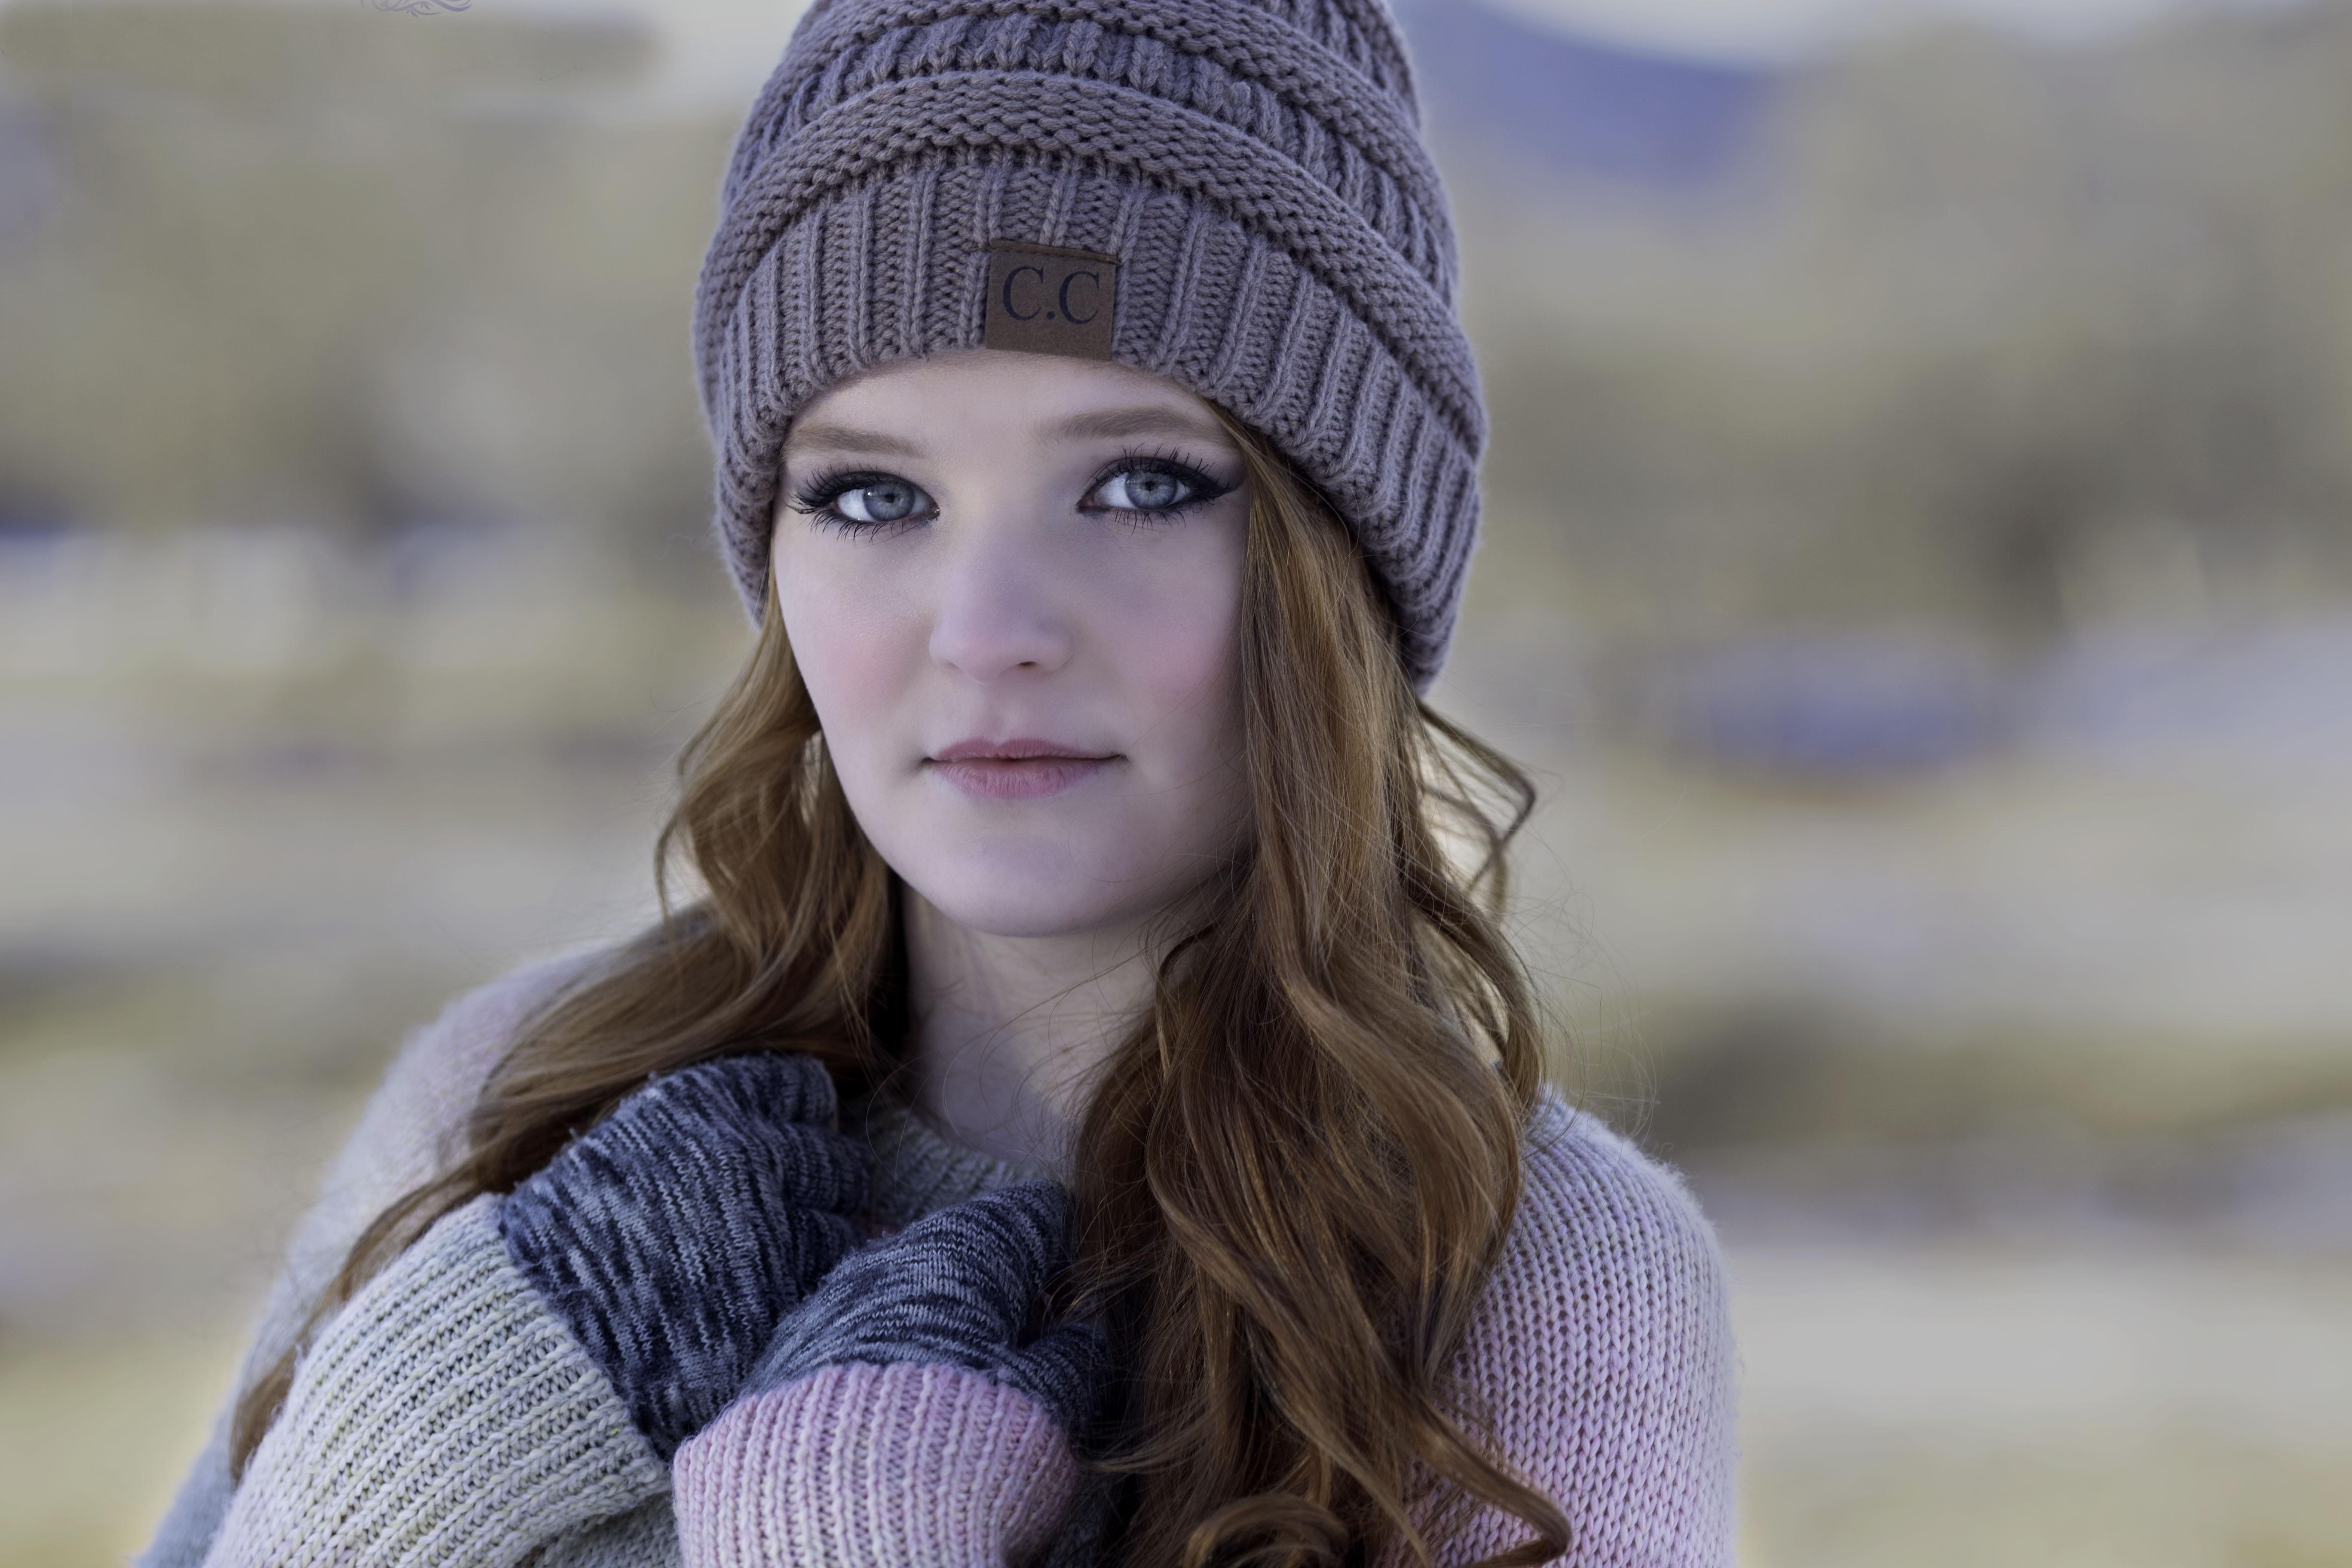 Fotos gratis : nieve, frío, invierno, niña, mujer, hembra, modelo ...